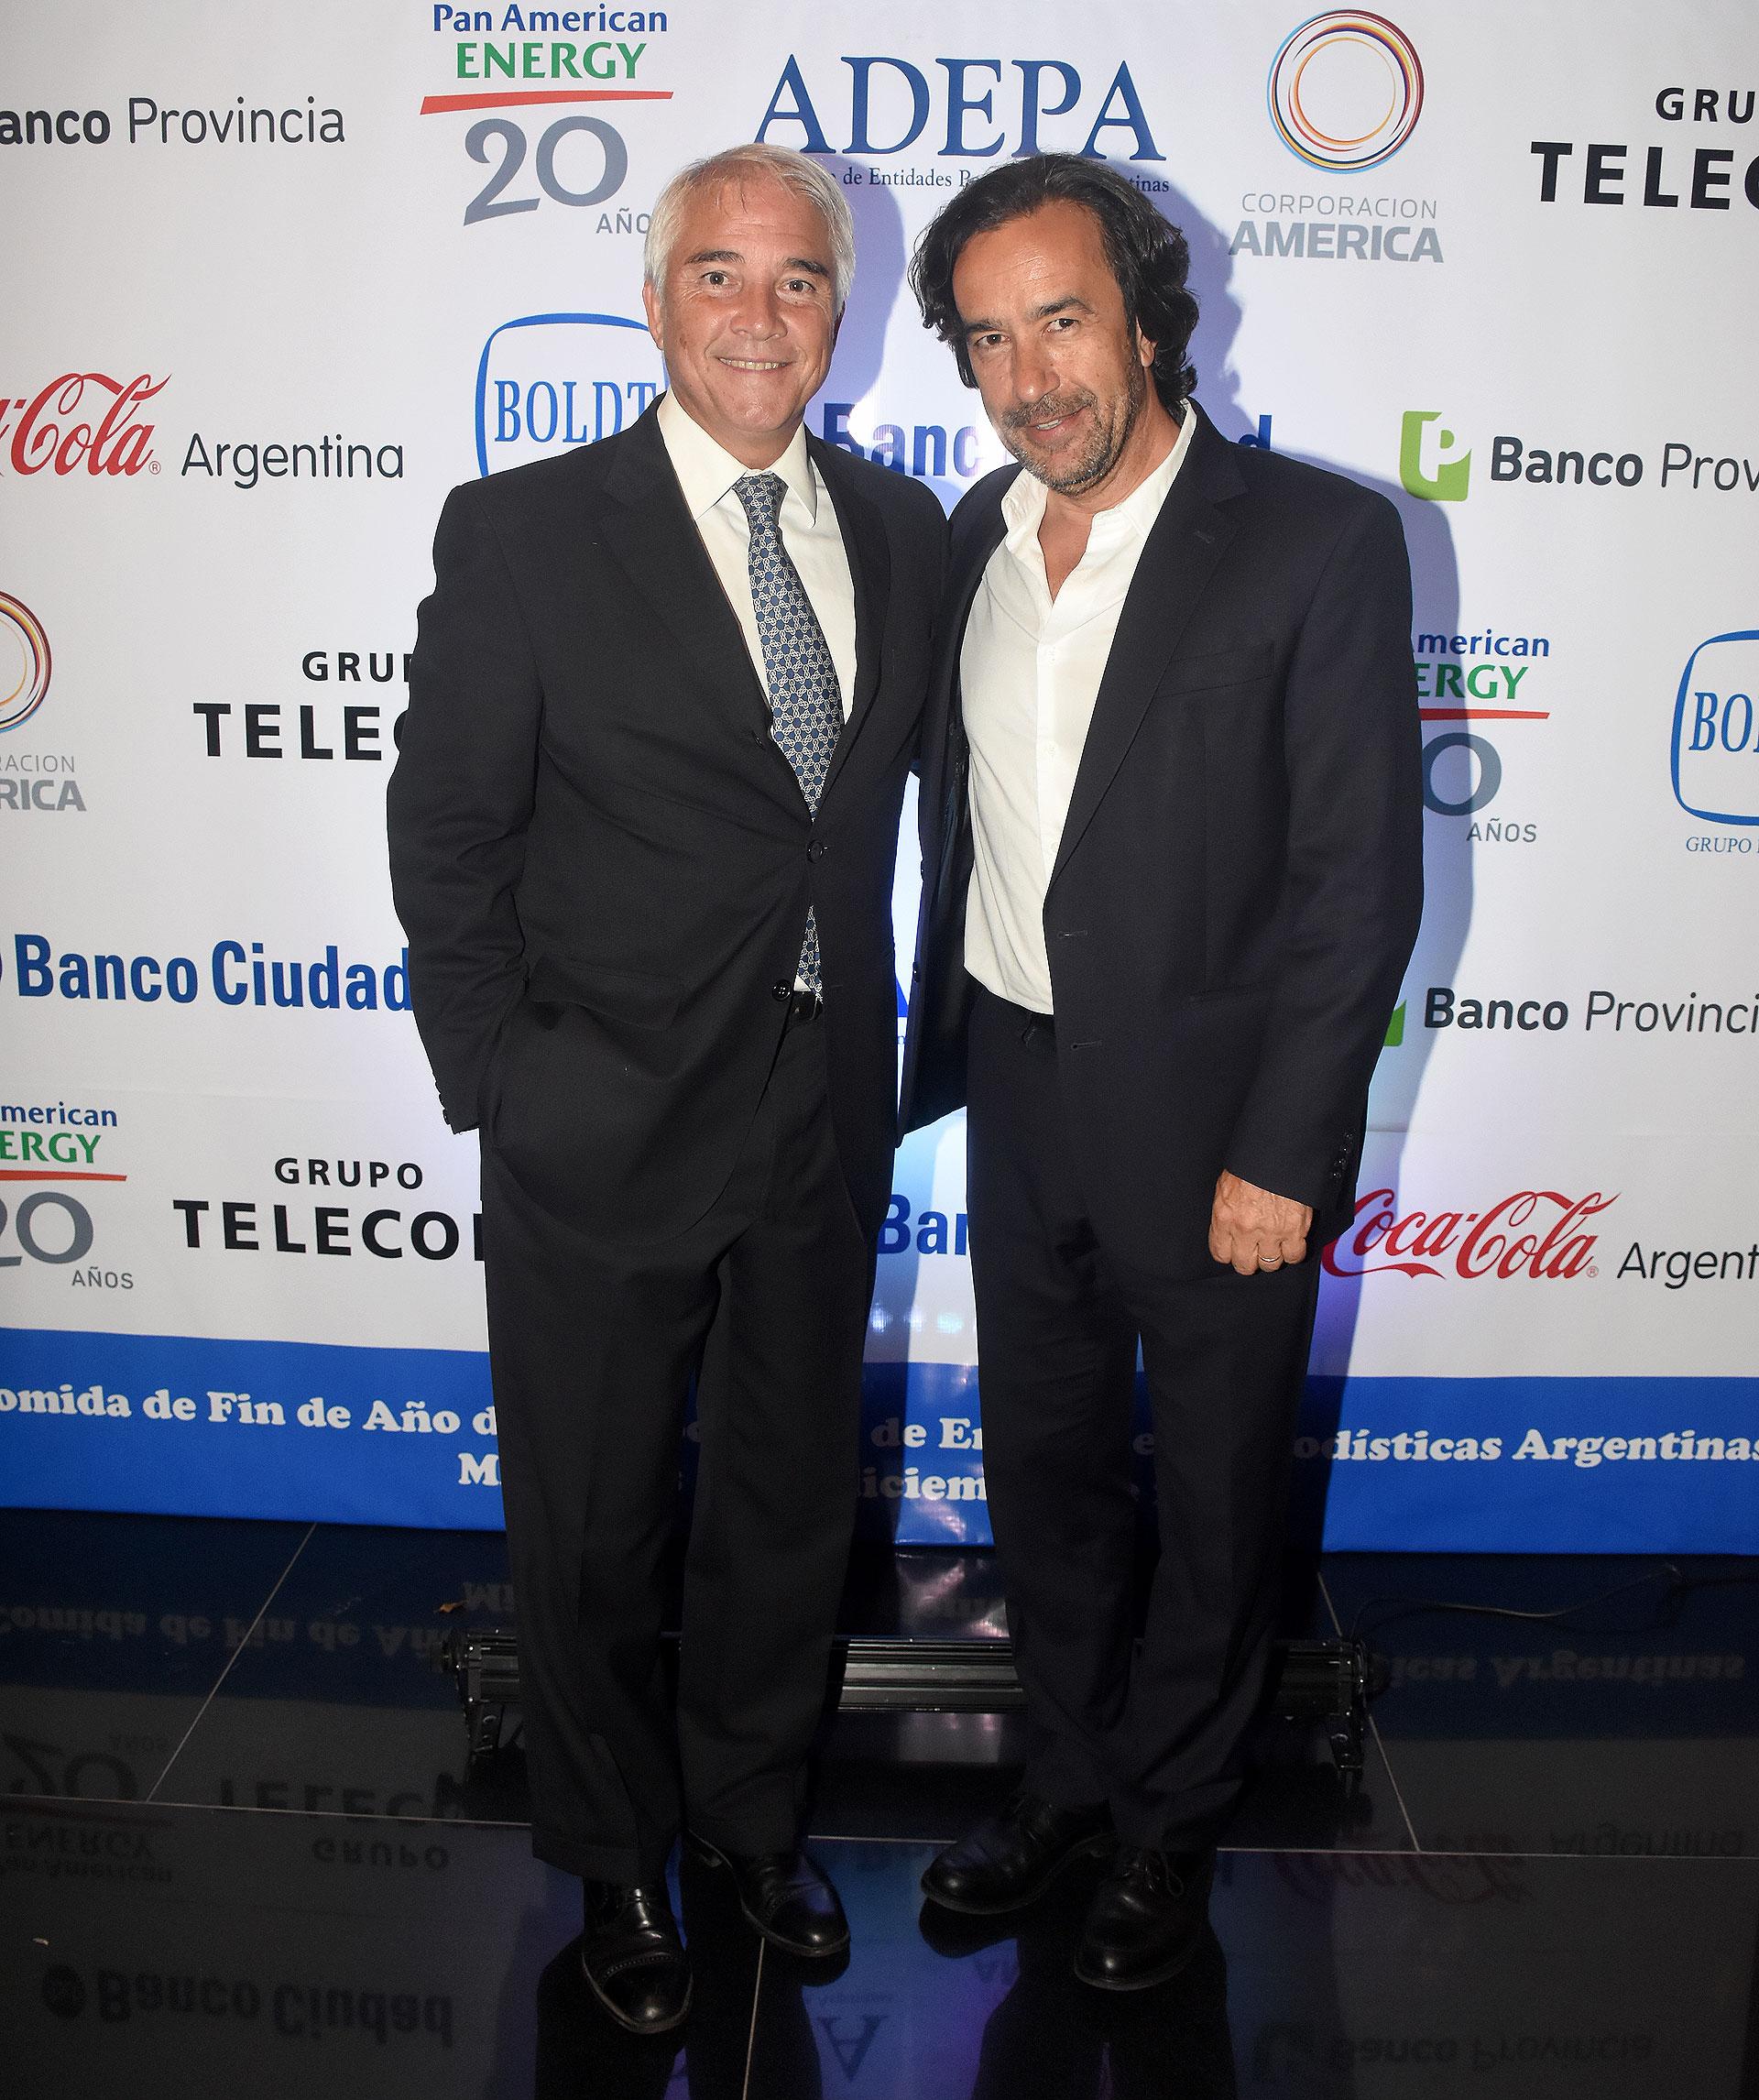 Pablo Deluca, director de Asuntos Institucionales de Infobae, y el secretario de Medios de la provincia de Buenos Aires, Mariano Mohadeb